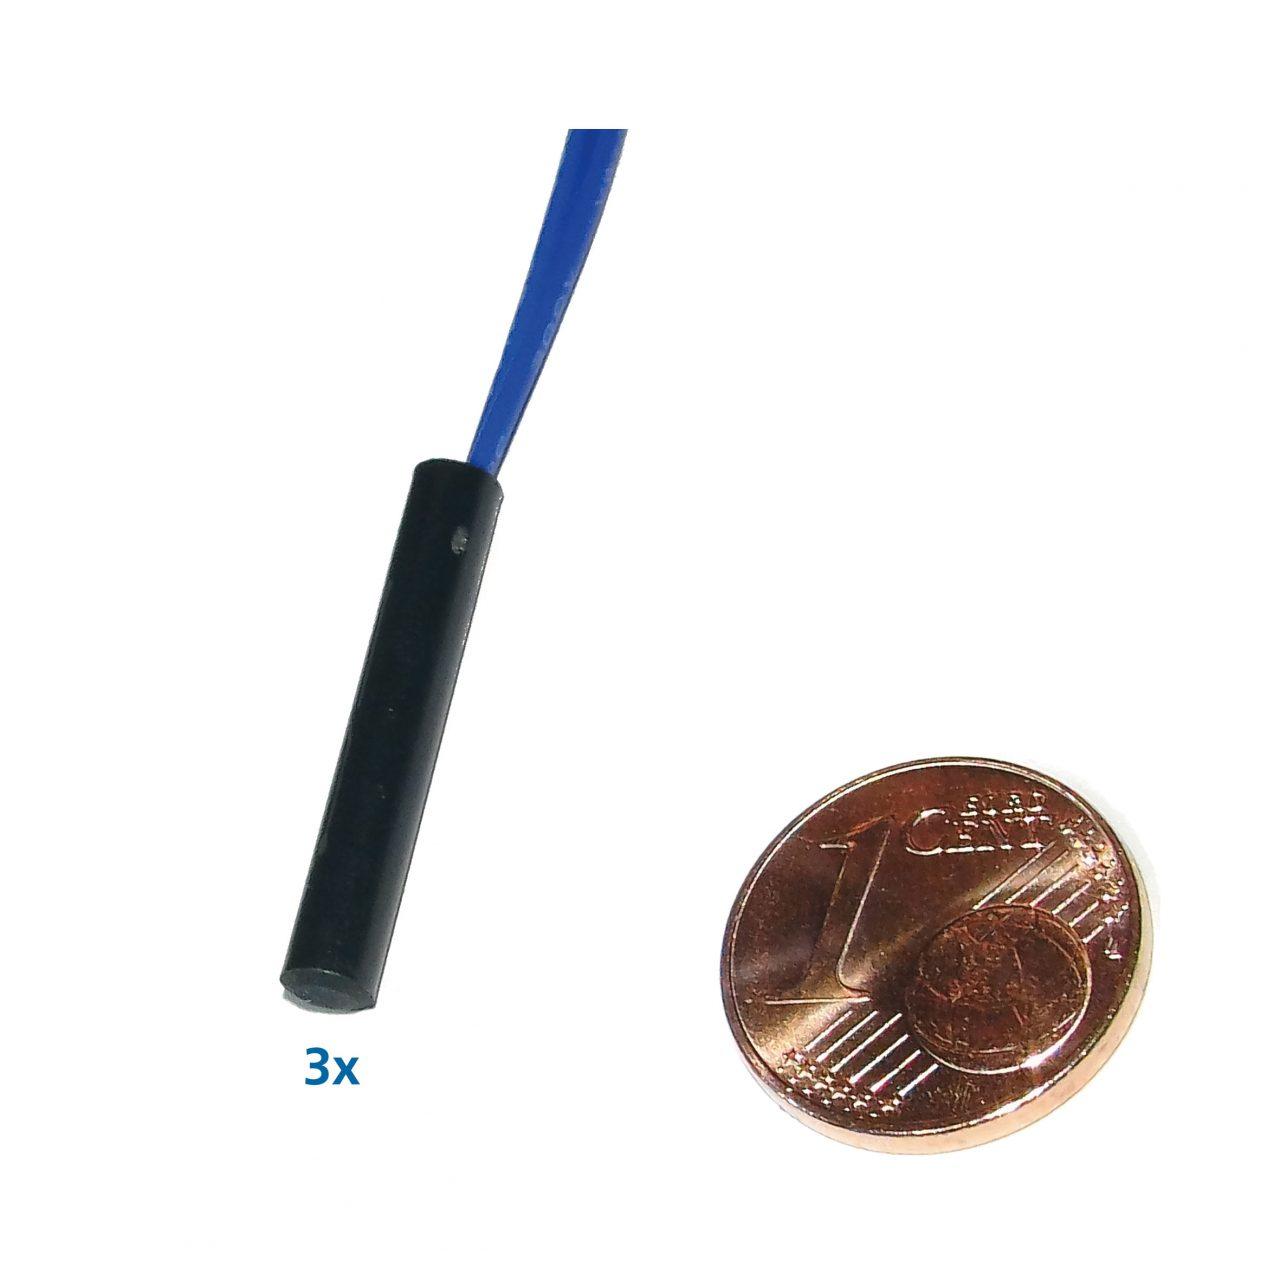 Set ALAN Reed-Schalter 3x mittel, 4 Millimeter Durchmesser Artikel-Nummer 87114